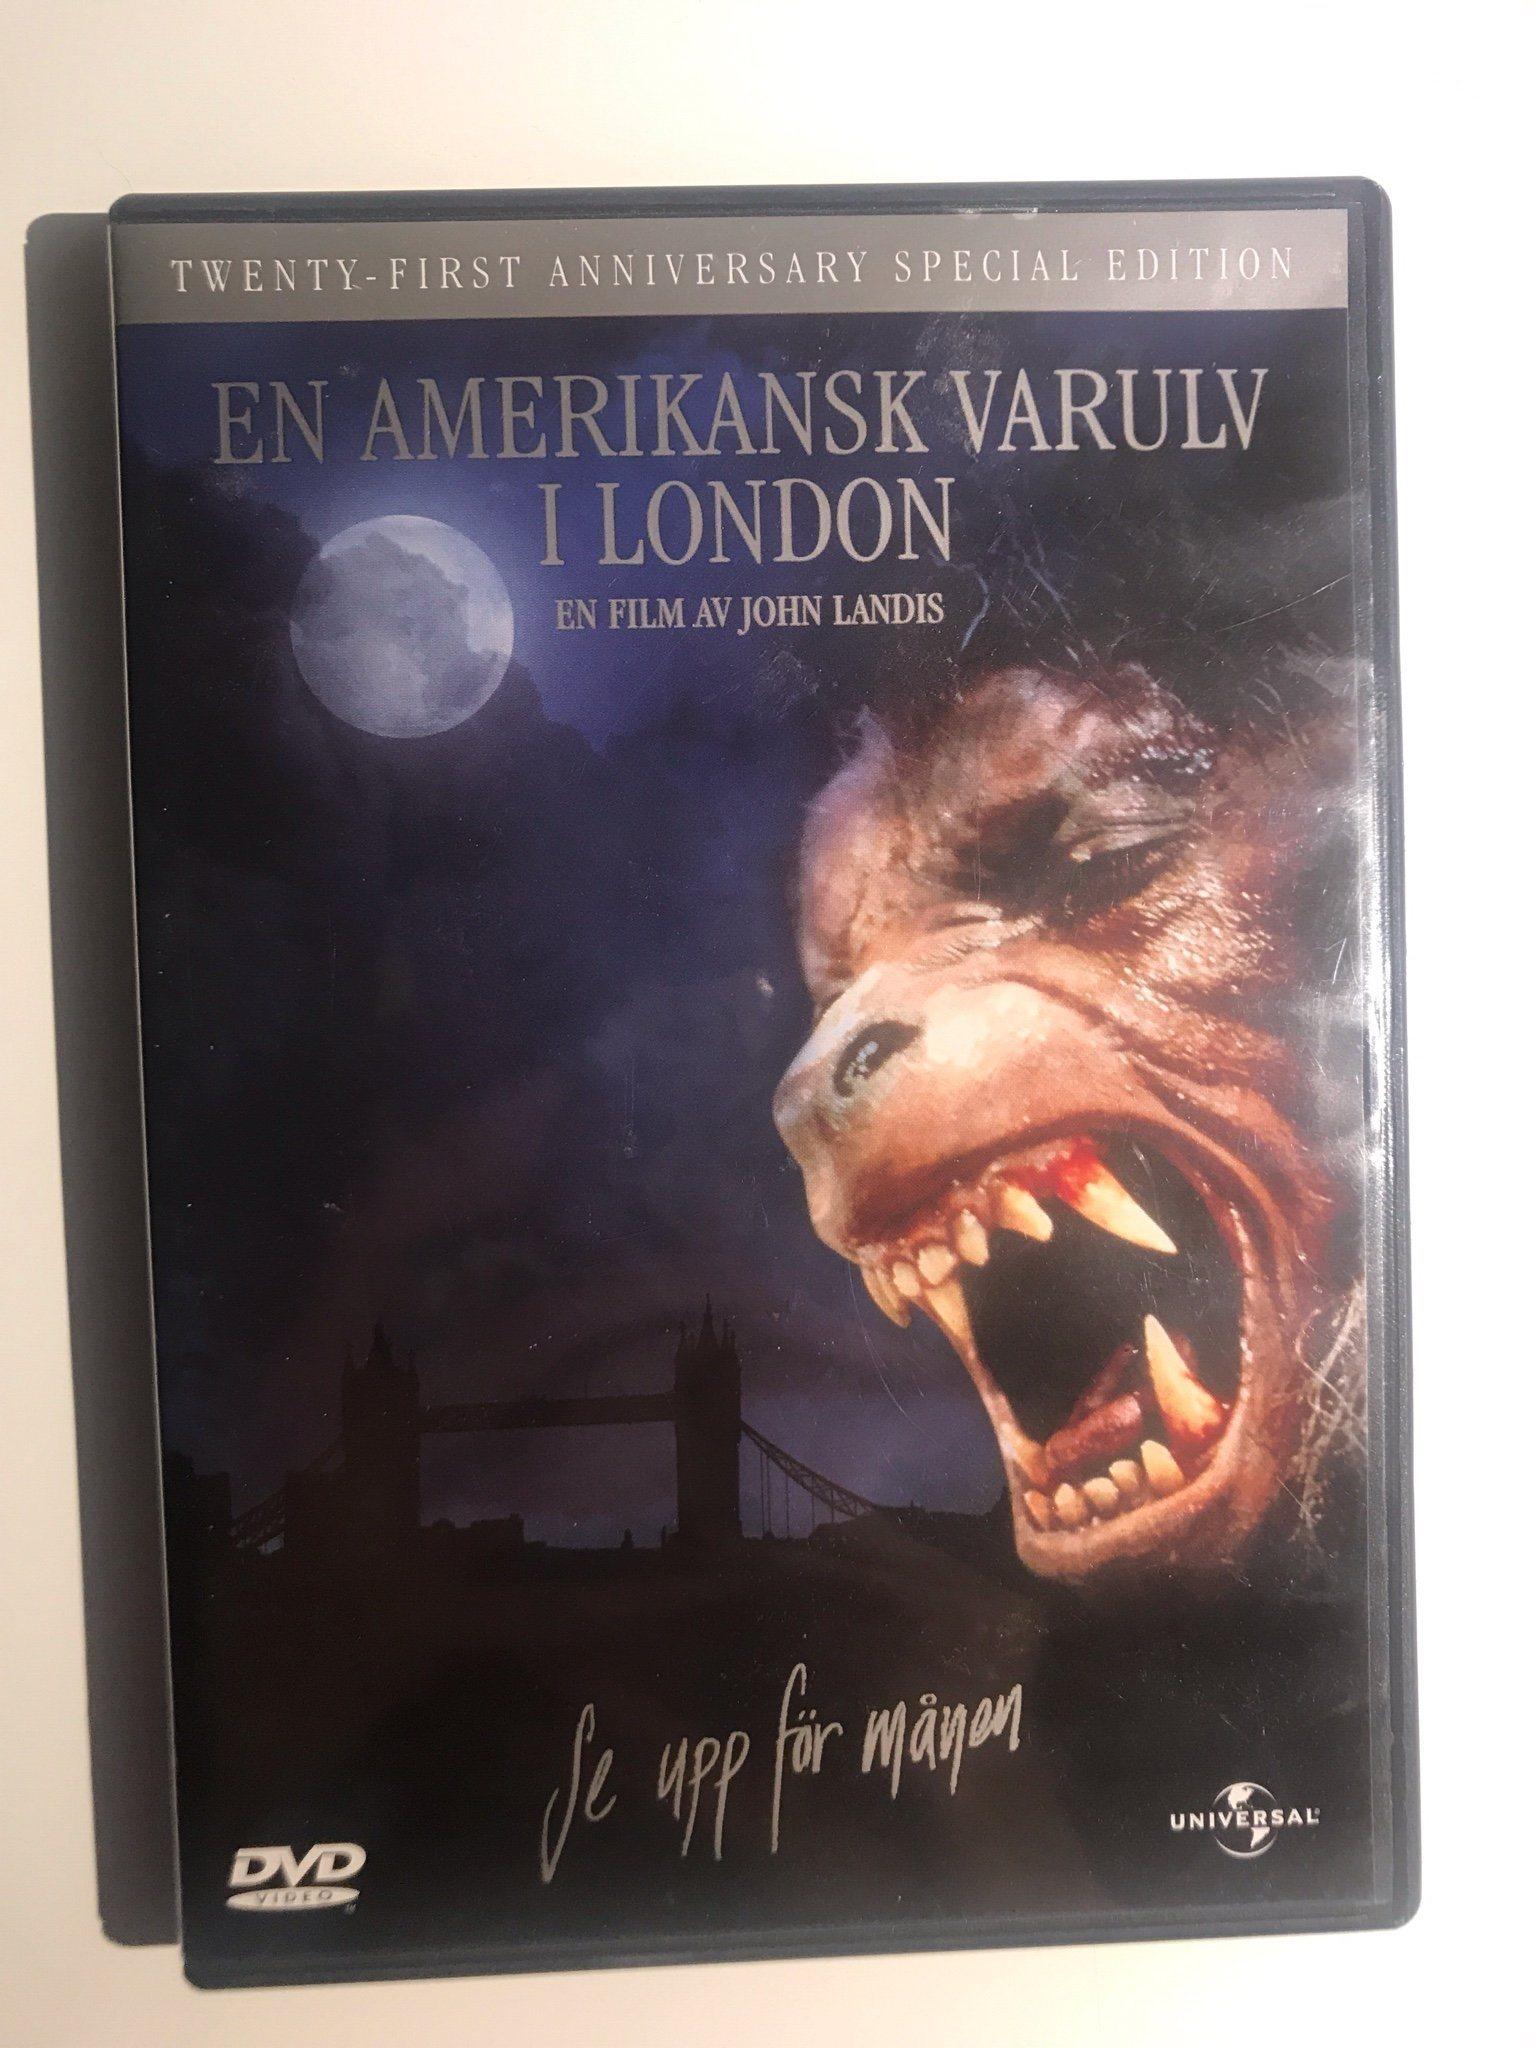 En amerikansk varulv i London (341019220) ᐈ Köp på Tradera b2c0d2b629efd